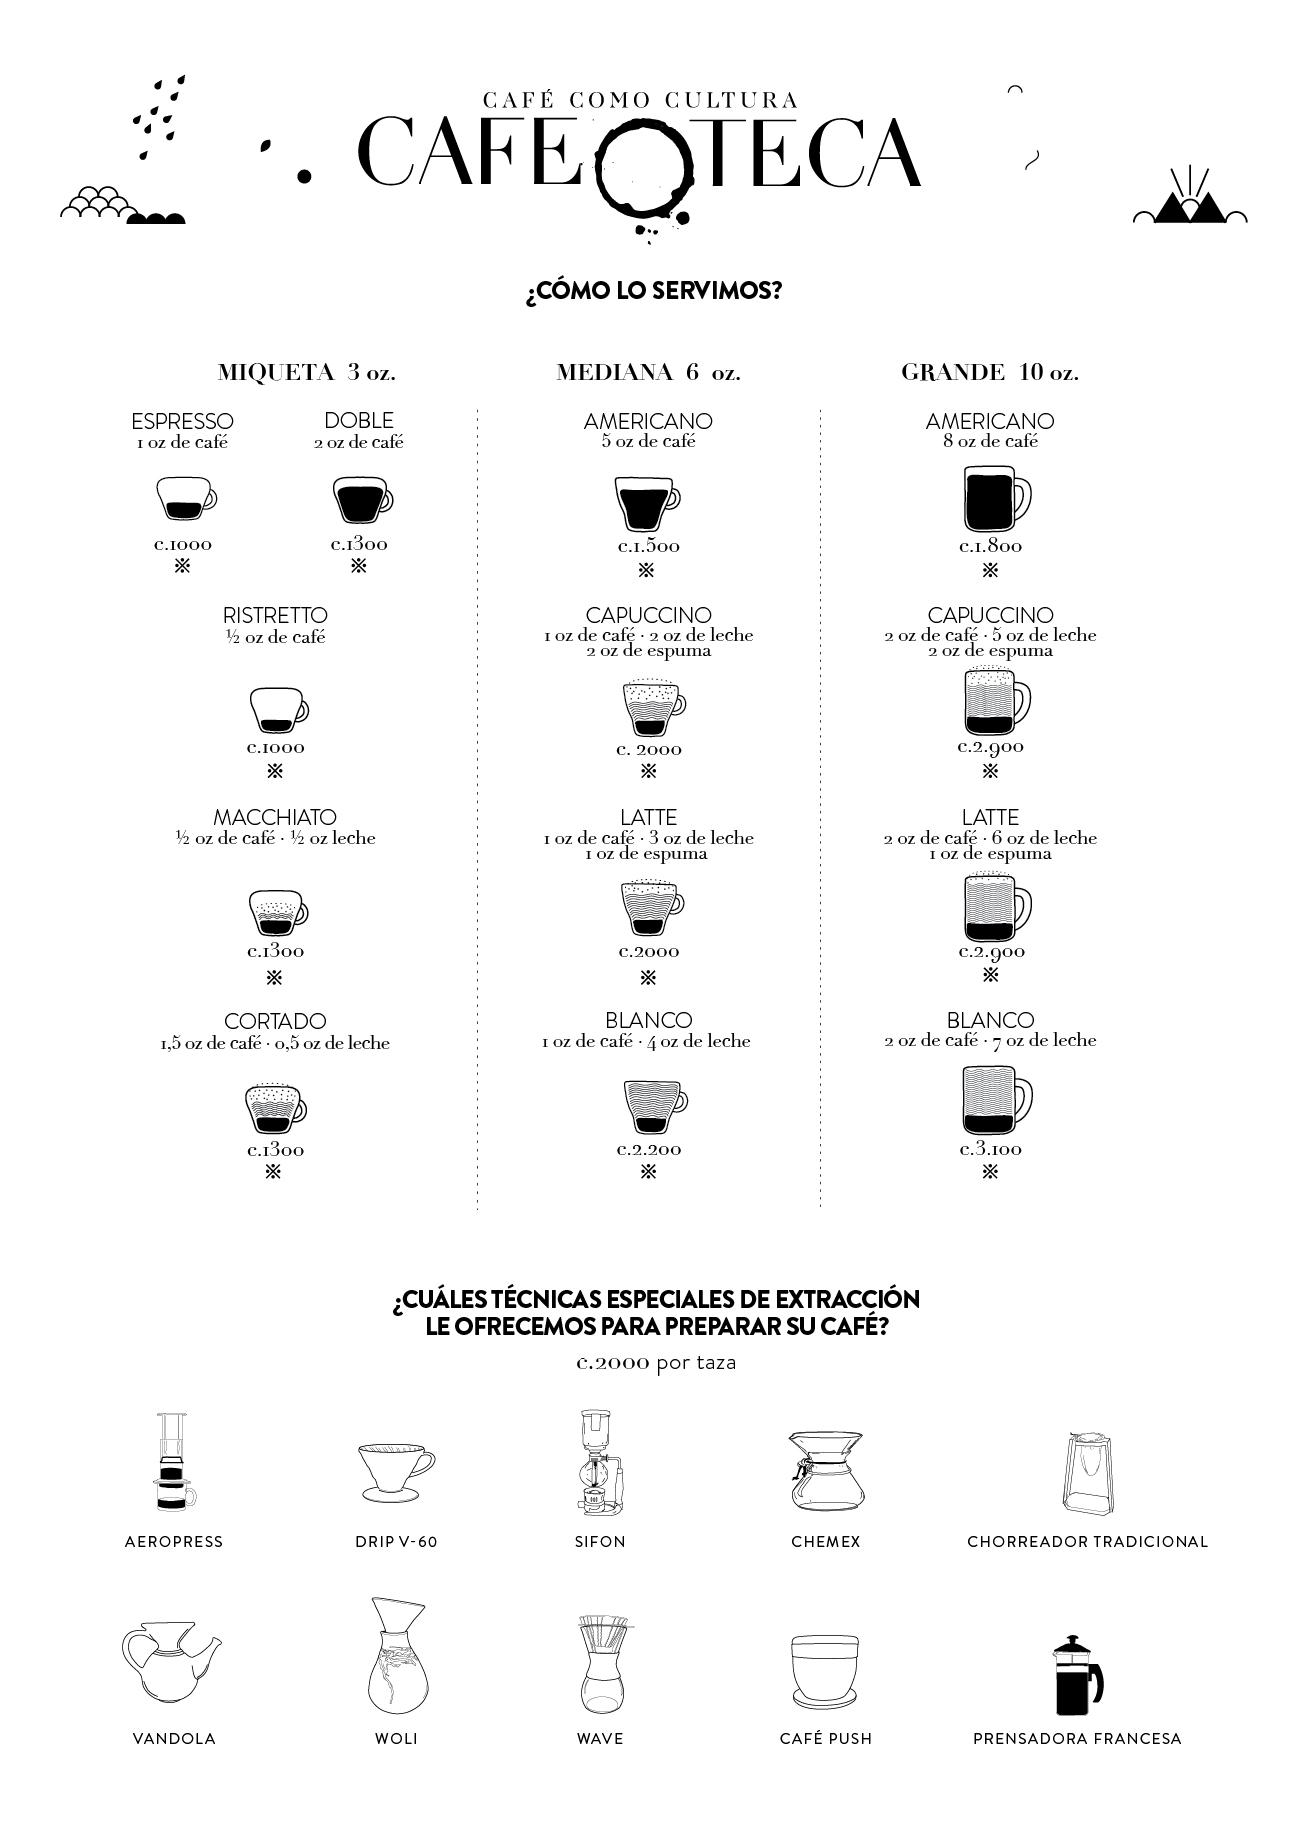 Menú - Cafeoteca 2019-01.jpg